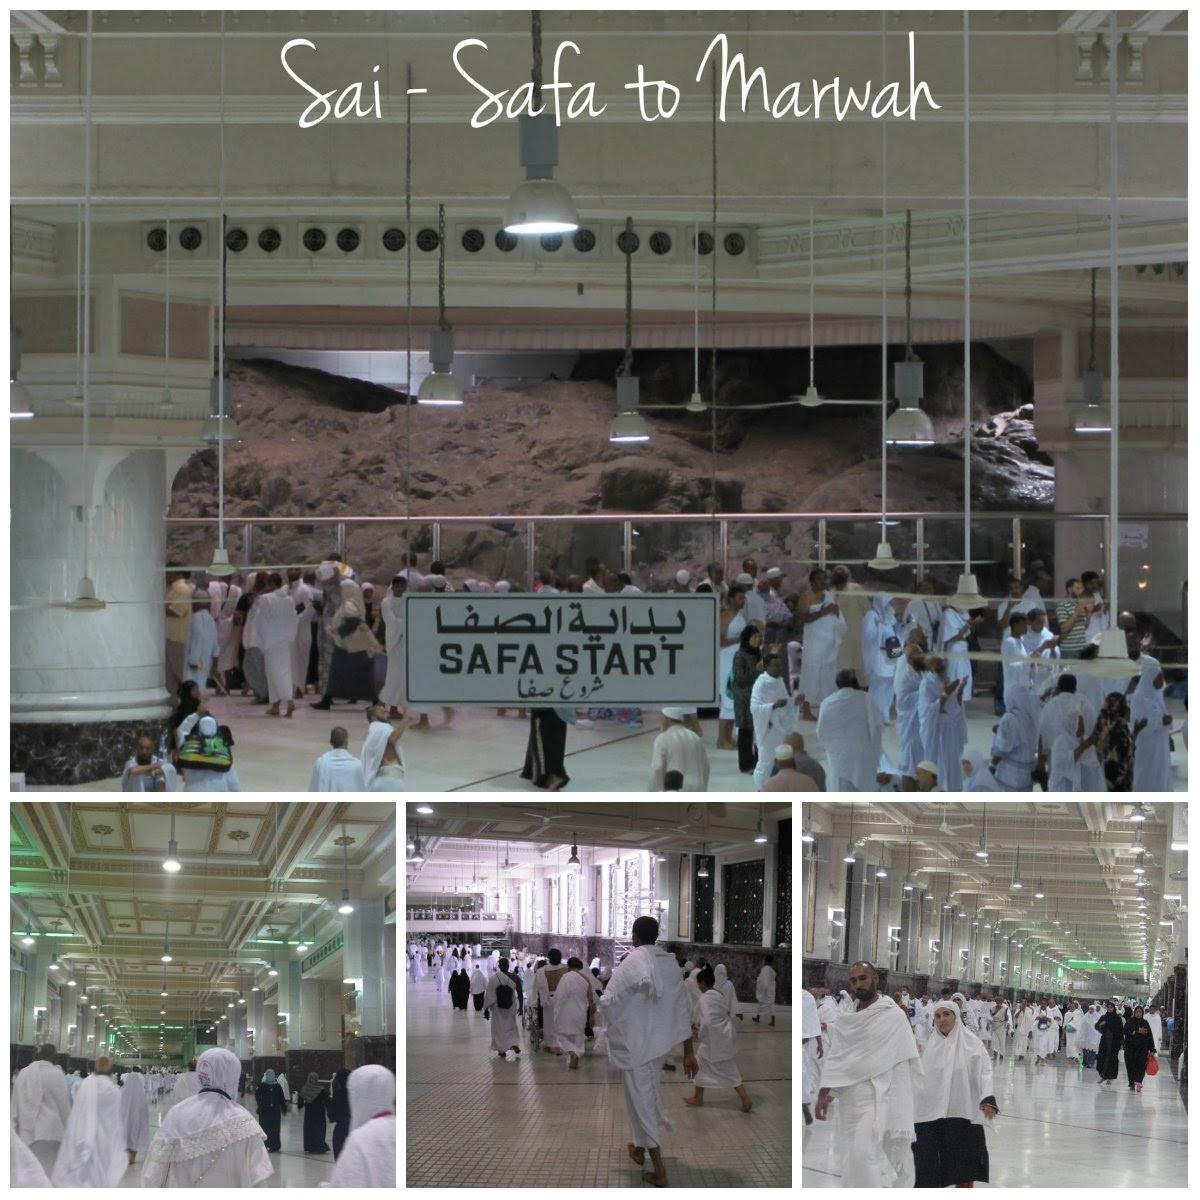 Doa doa dalam ibdaha Sa'i dari bukit Shofa ke bukit Marwah